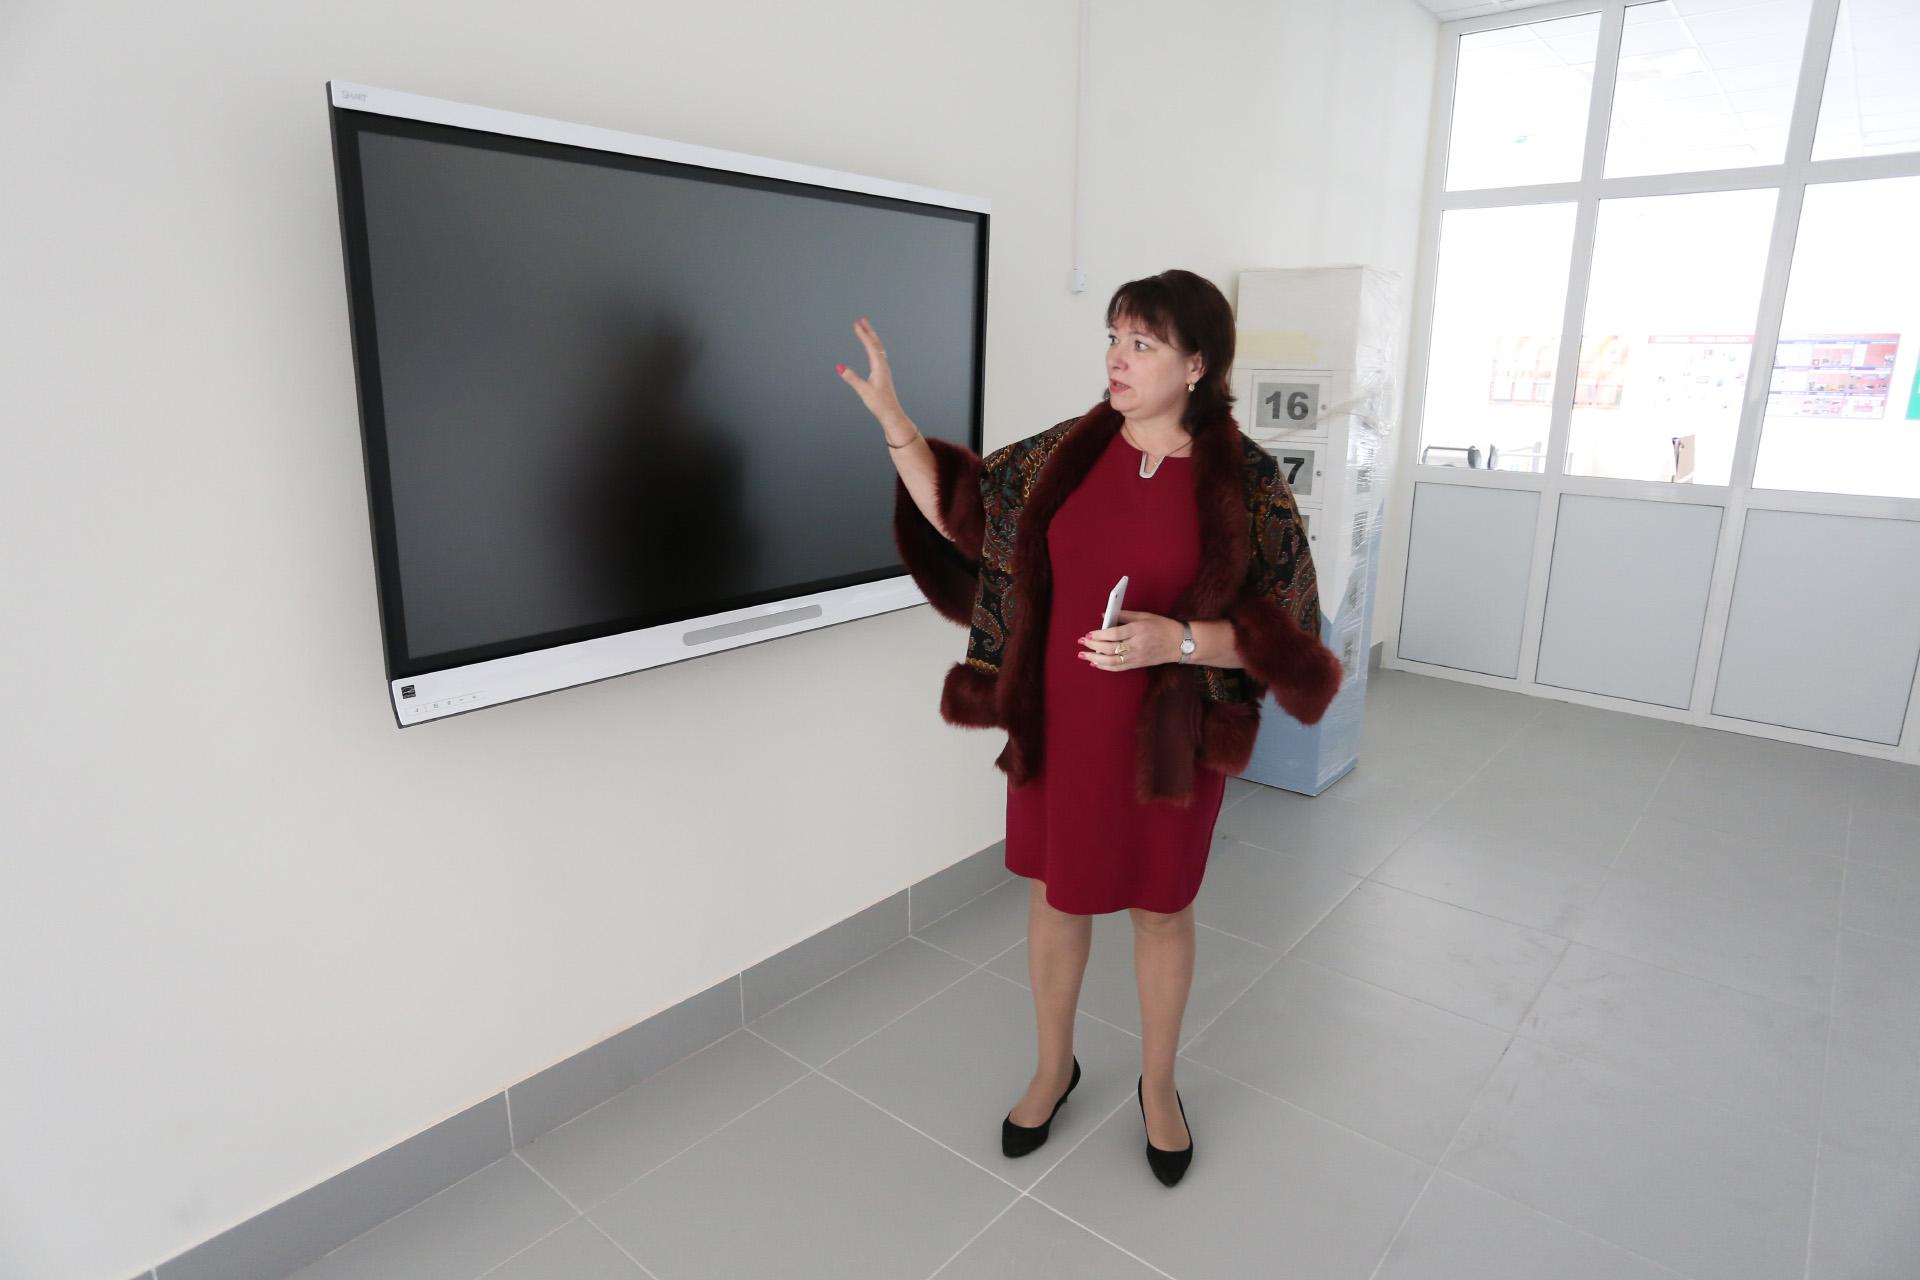 Директор школы Светлана Сергеева показывает в холле экран стоимостью около 400 тысяч рублей